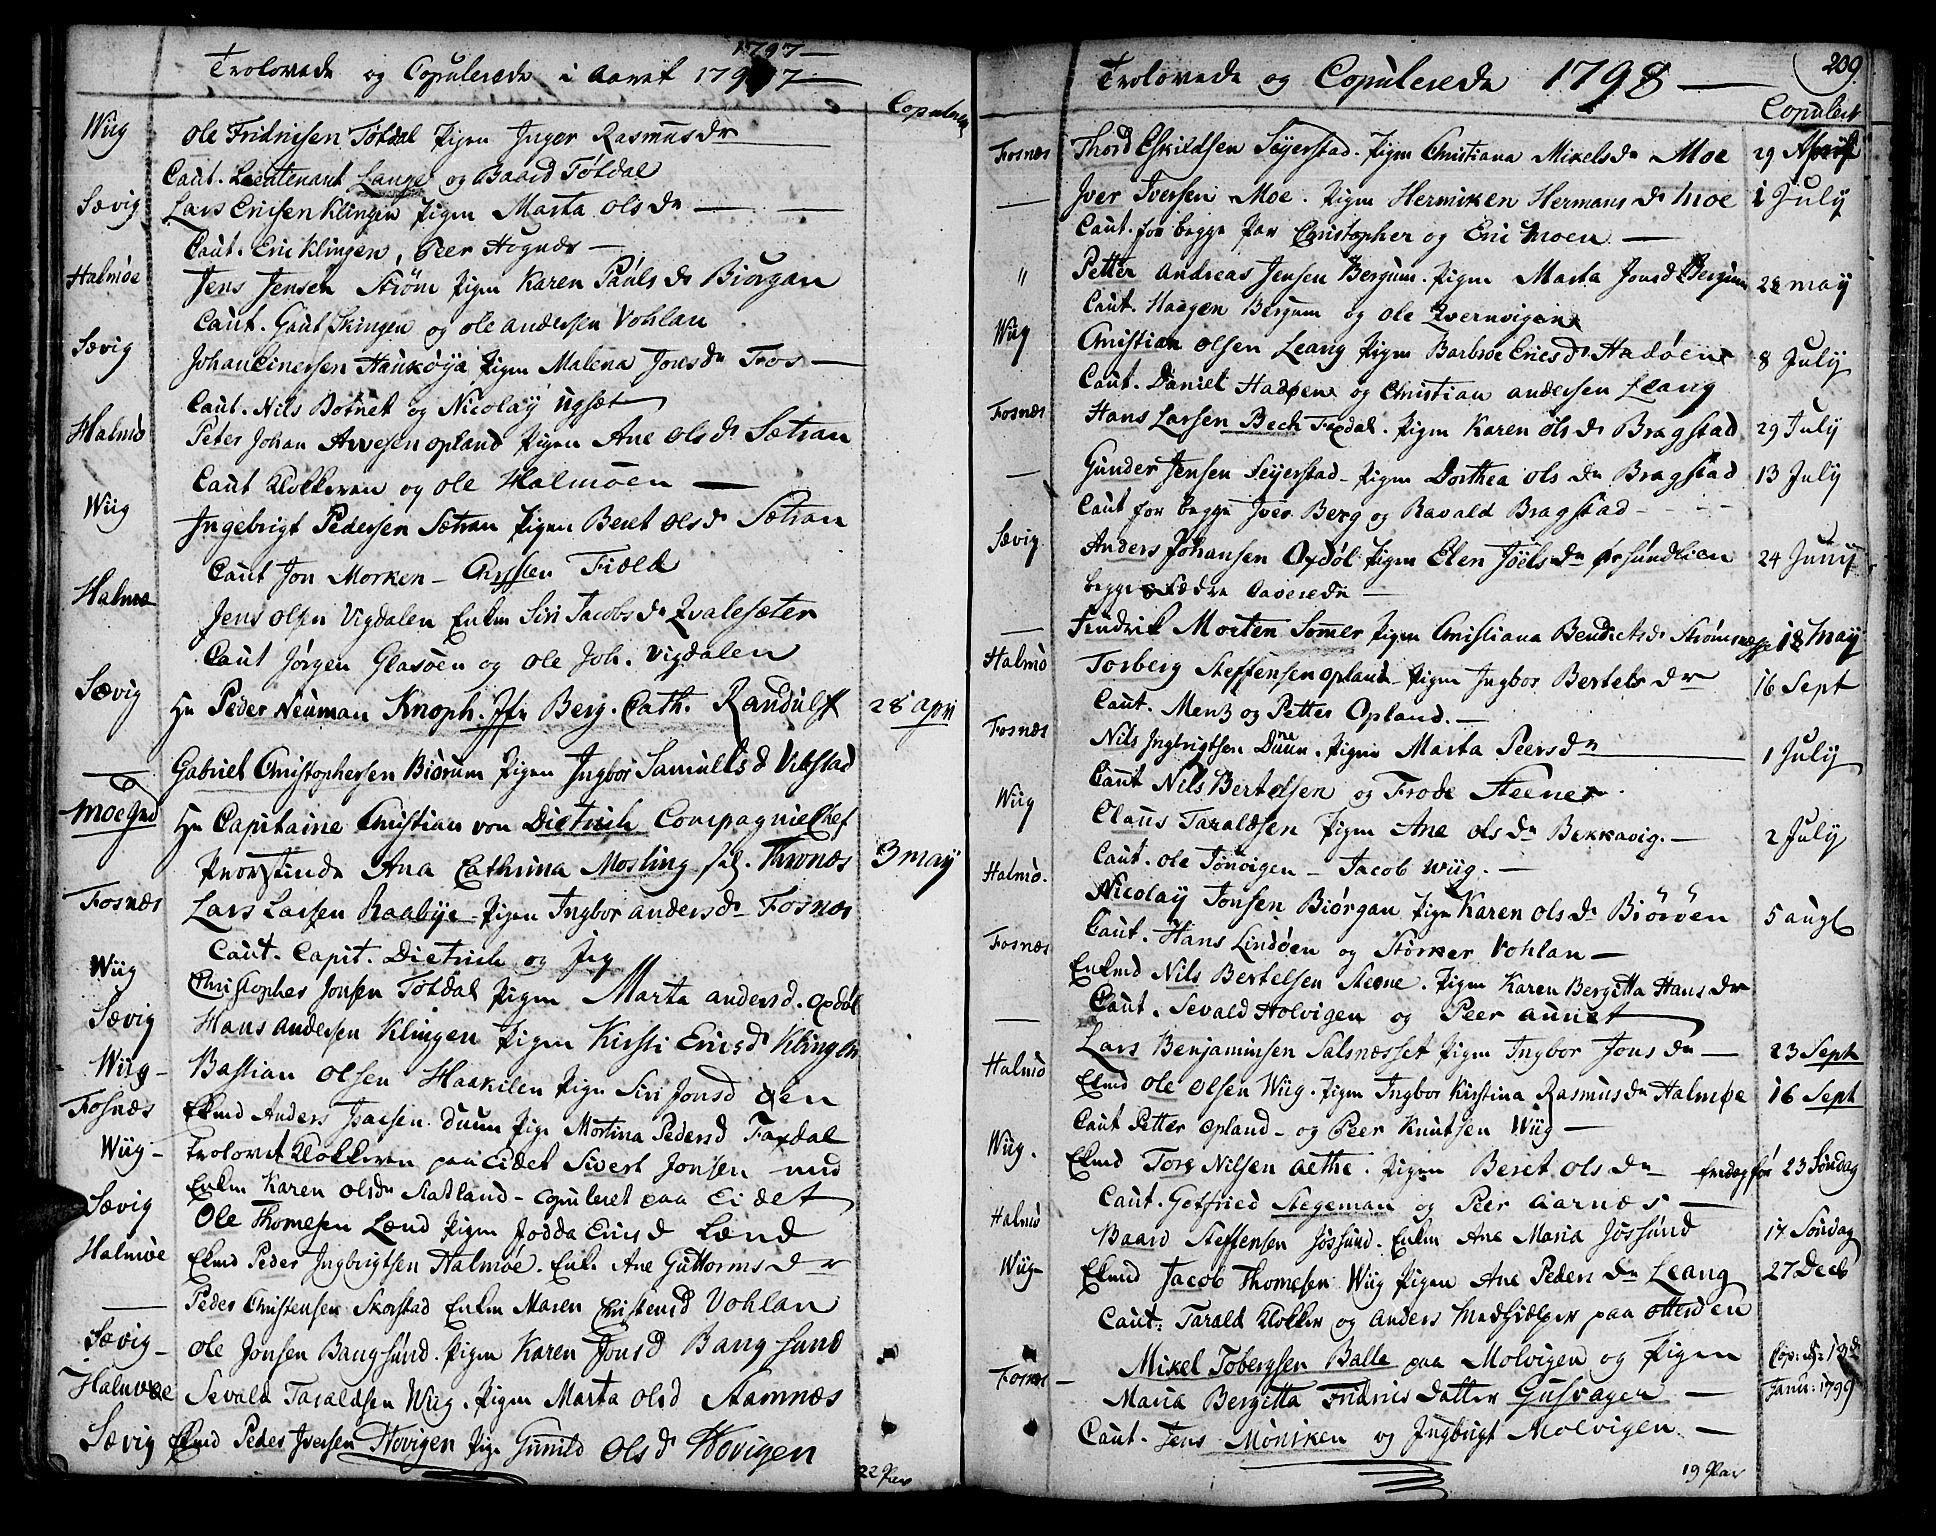 SAT, Ministerialprotokoller, klokkerbøker og fødselsregistre - Nord-Trøndelag, 773/L0608: Ministerialbok nr. 773A02, 1784-1816, s. 209